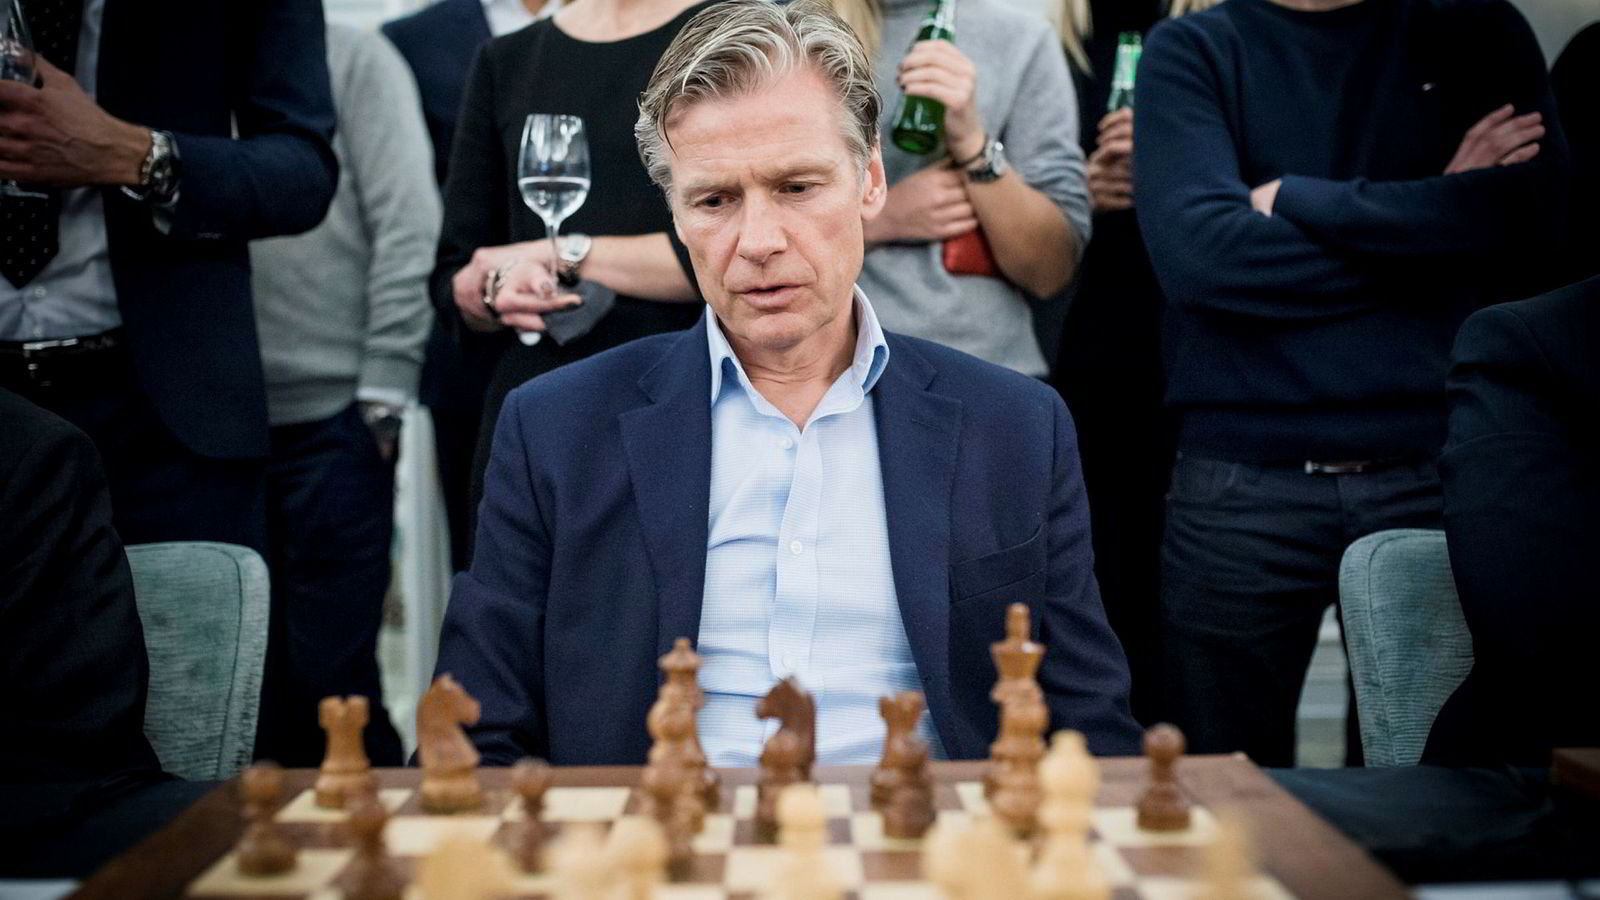 Eiendomsinvestor Edgar Haugen har grunn til å juble for resultatene i 2018. Her fra et møte med verdensmester i sjakk, Magnus Carlsen, under et arrangement av Carlsens sponsor Arctic Securities.